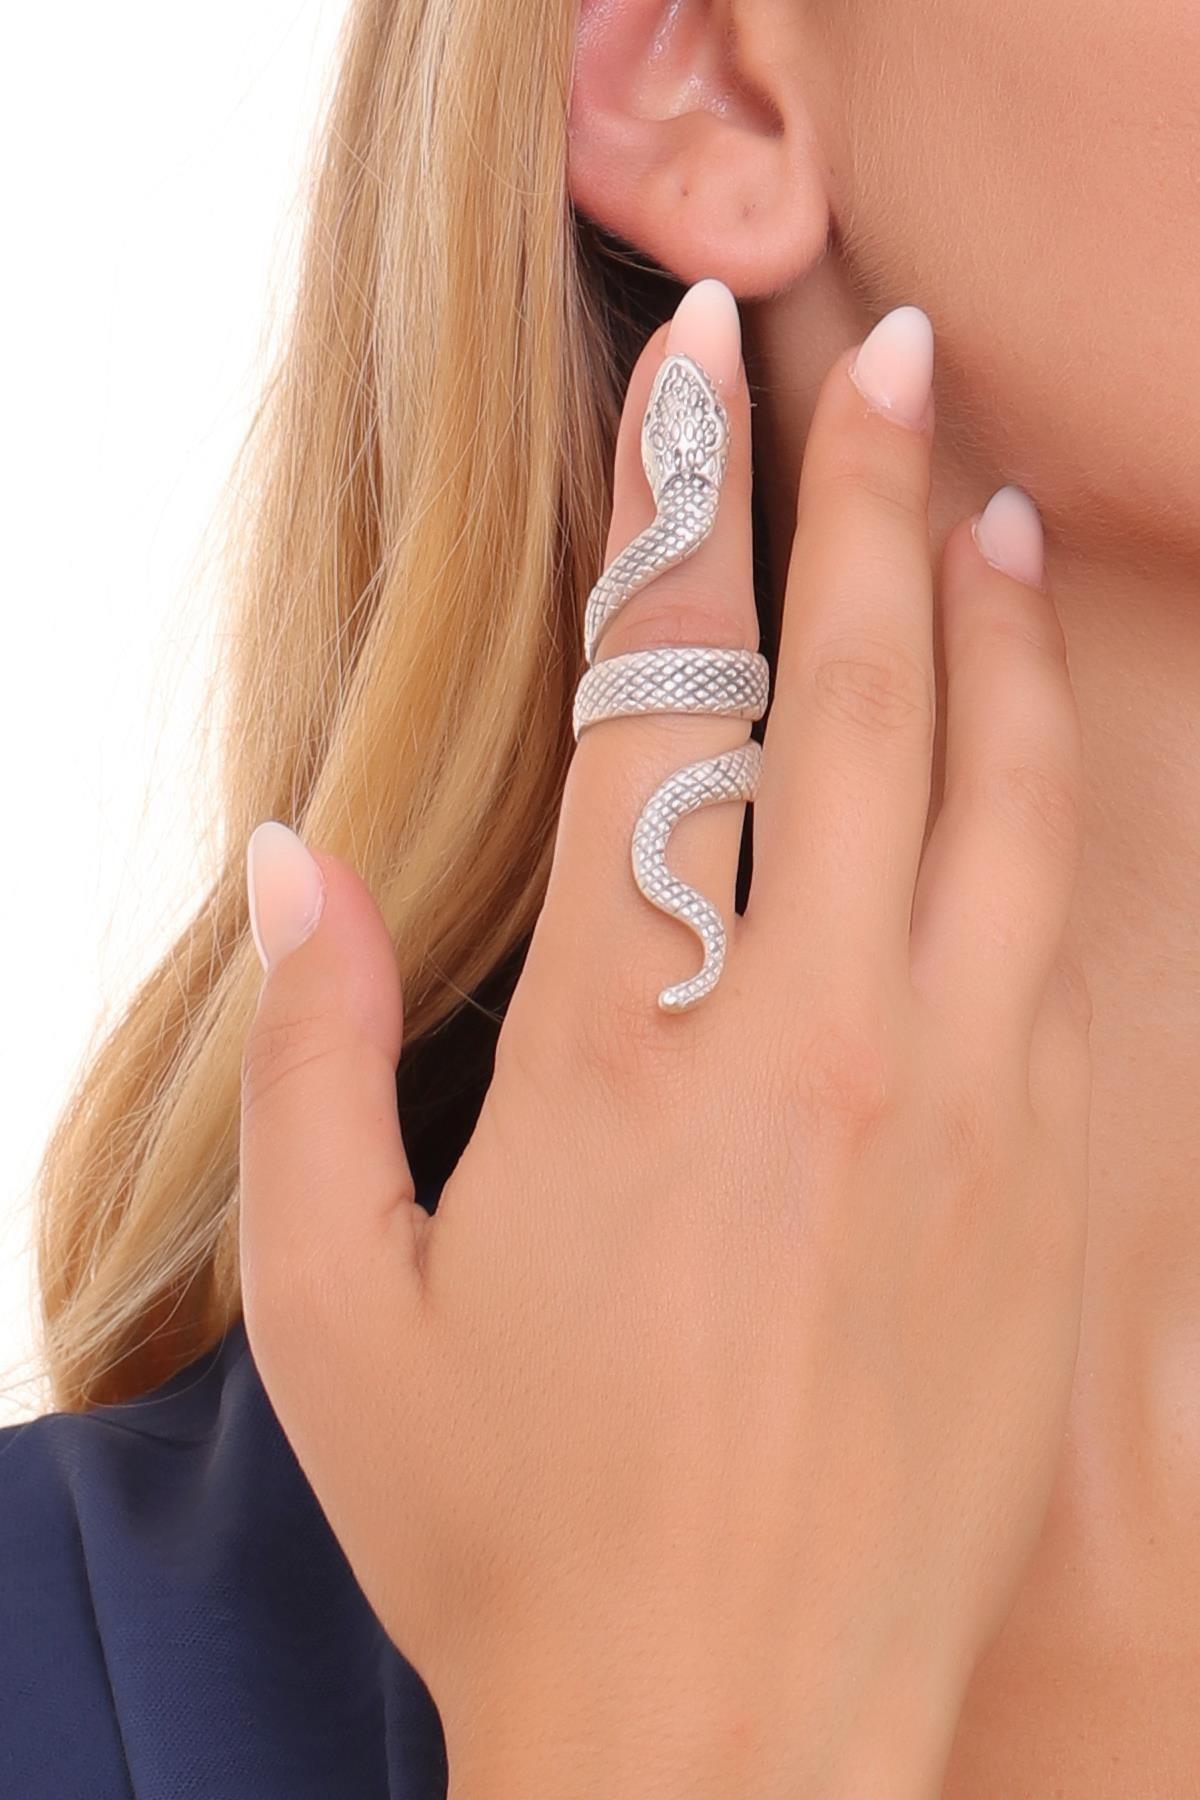 LABALABA Kadın Antik Gümüş Kaplama Dolama Model Yılan Formlu Ayarlanabilir Sağ Parmak Yüzük 1